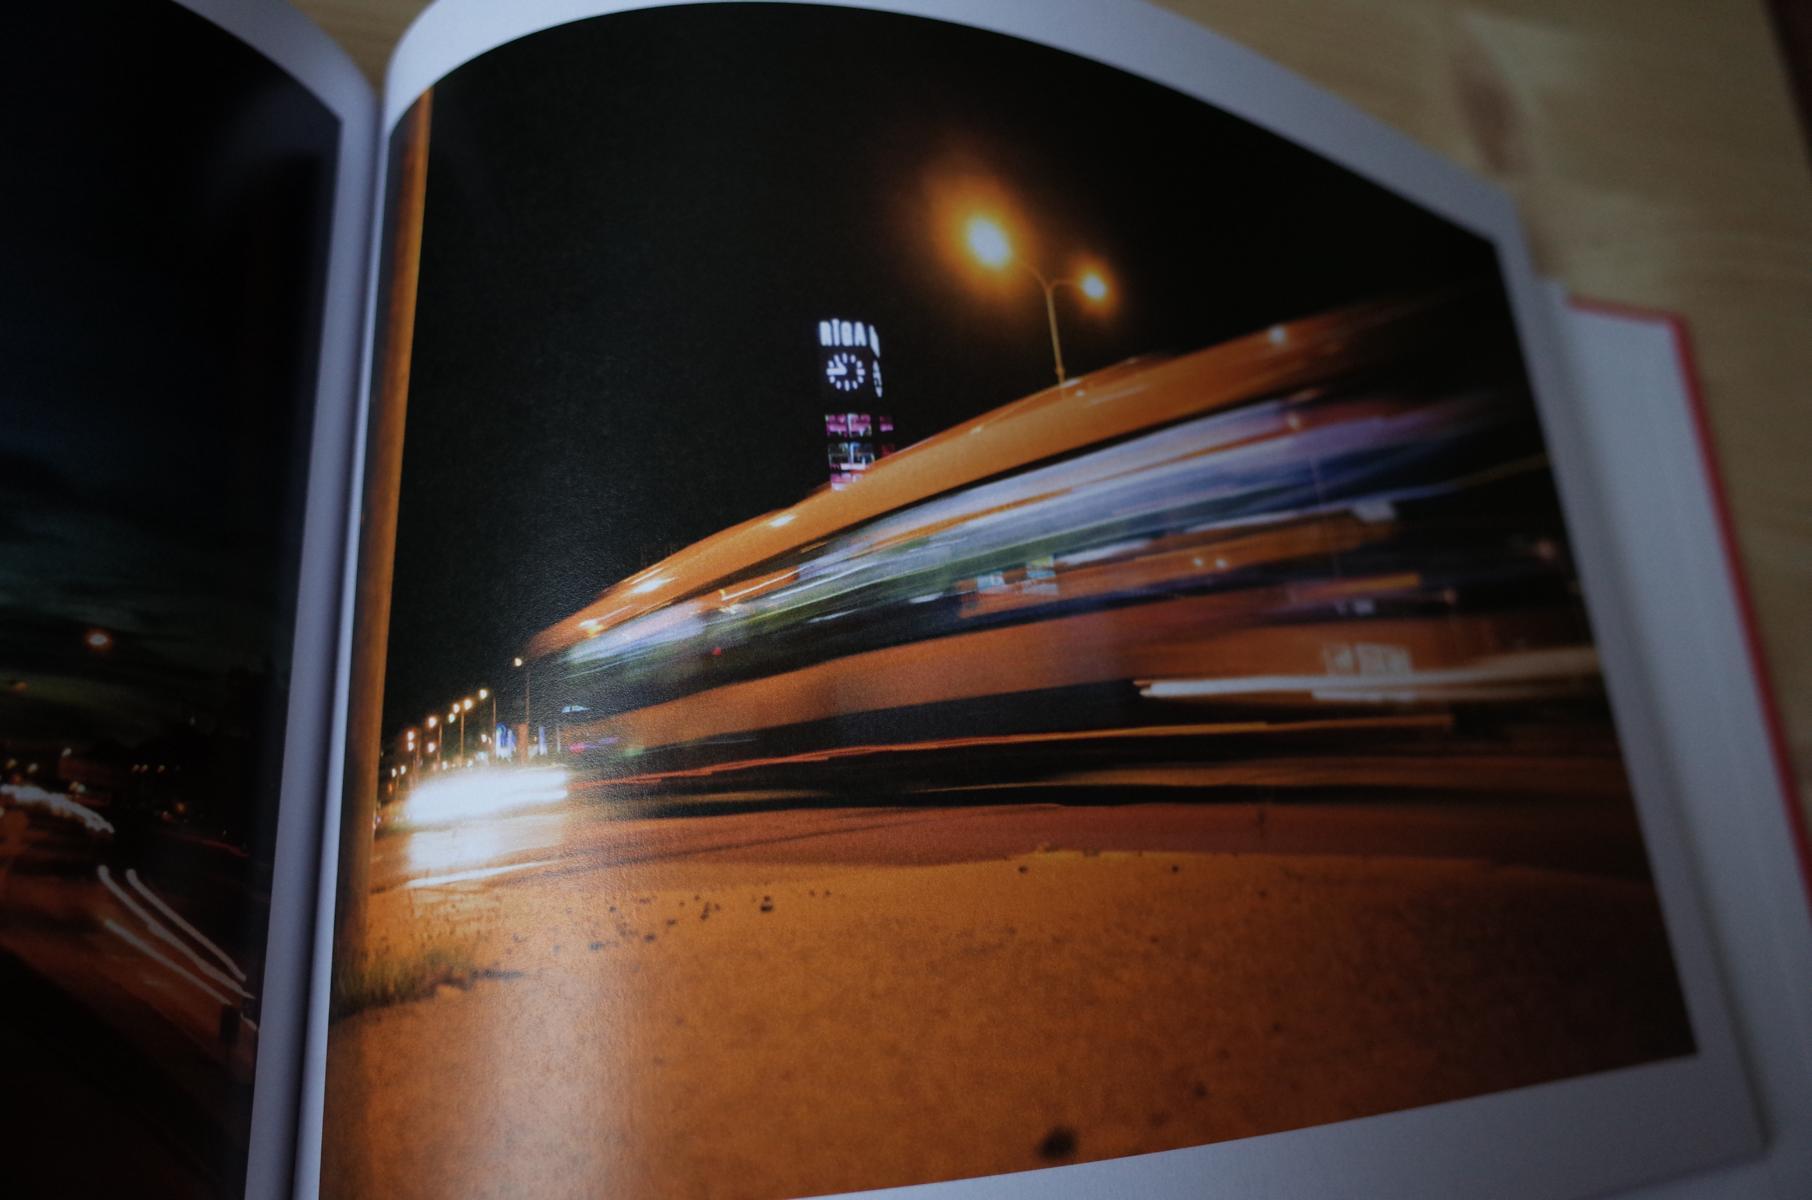 Nachaufnahme im Fotobuch über Riga